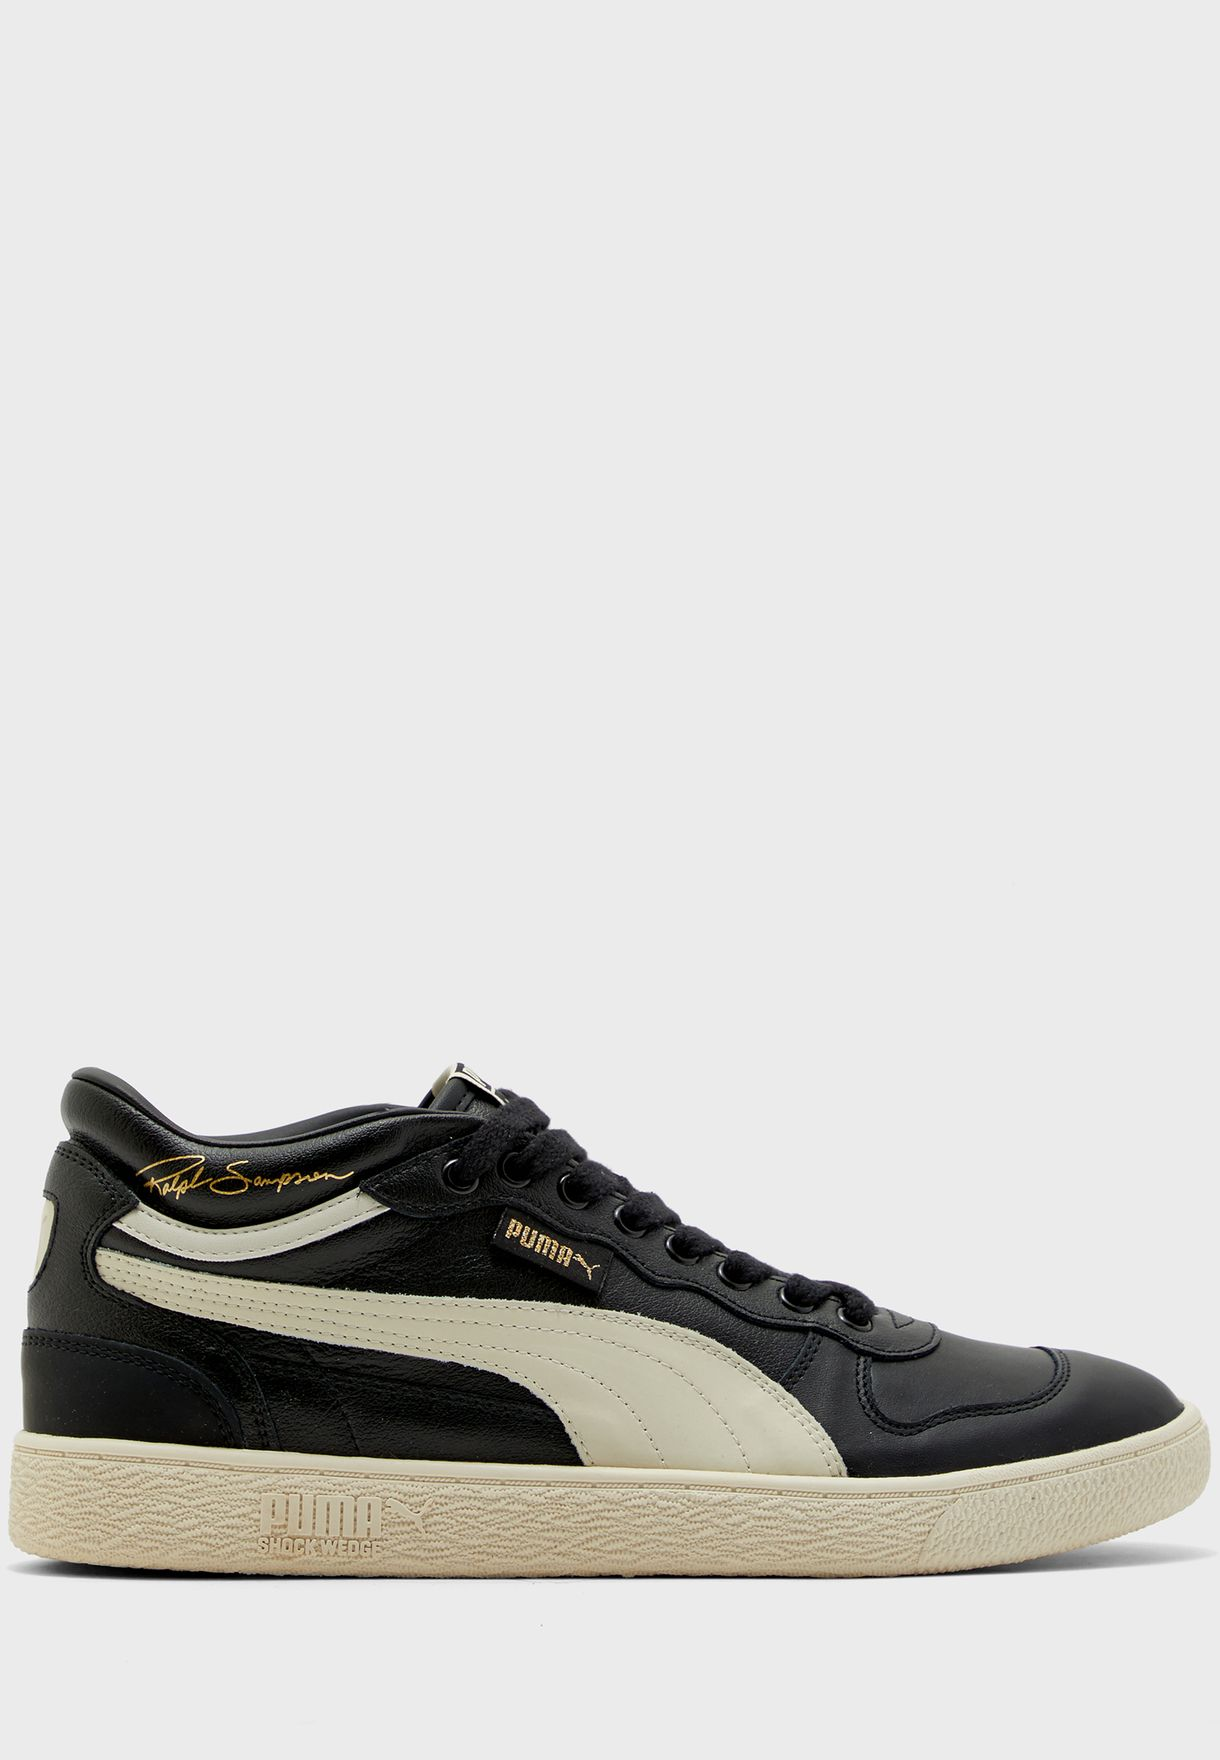 حذاء من مجموعة رالف سامبسون